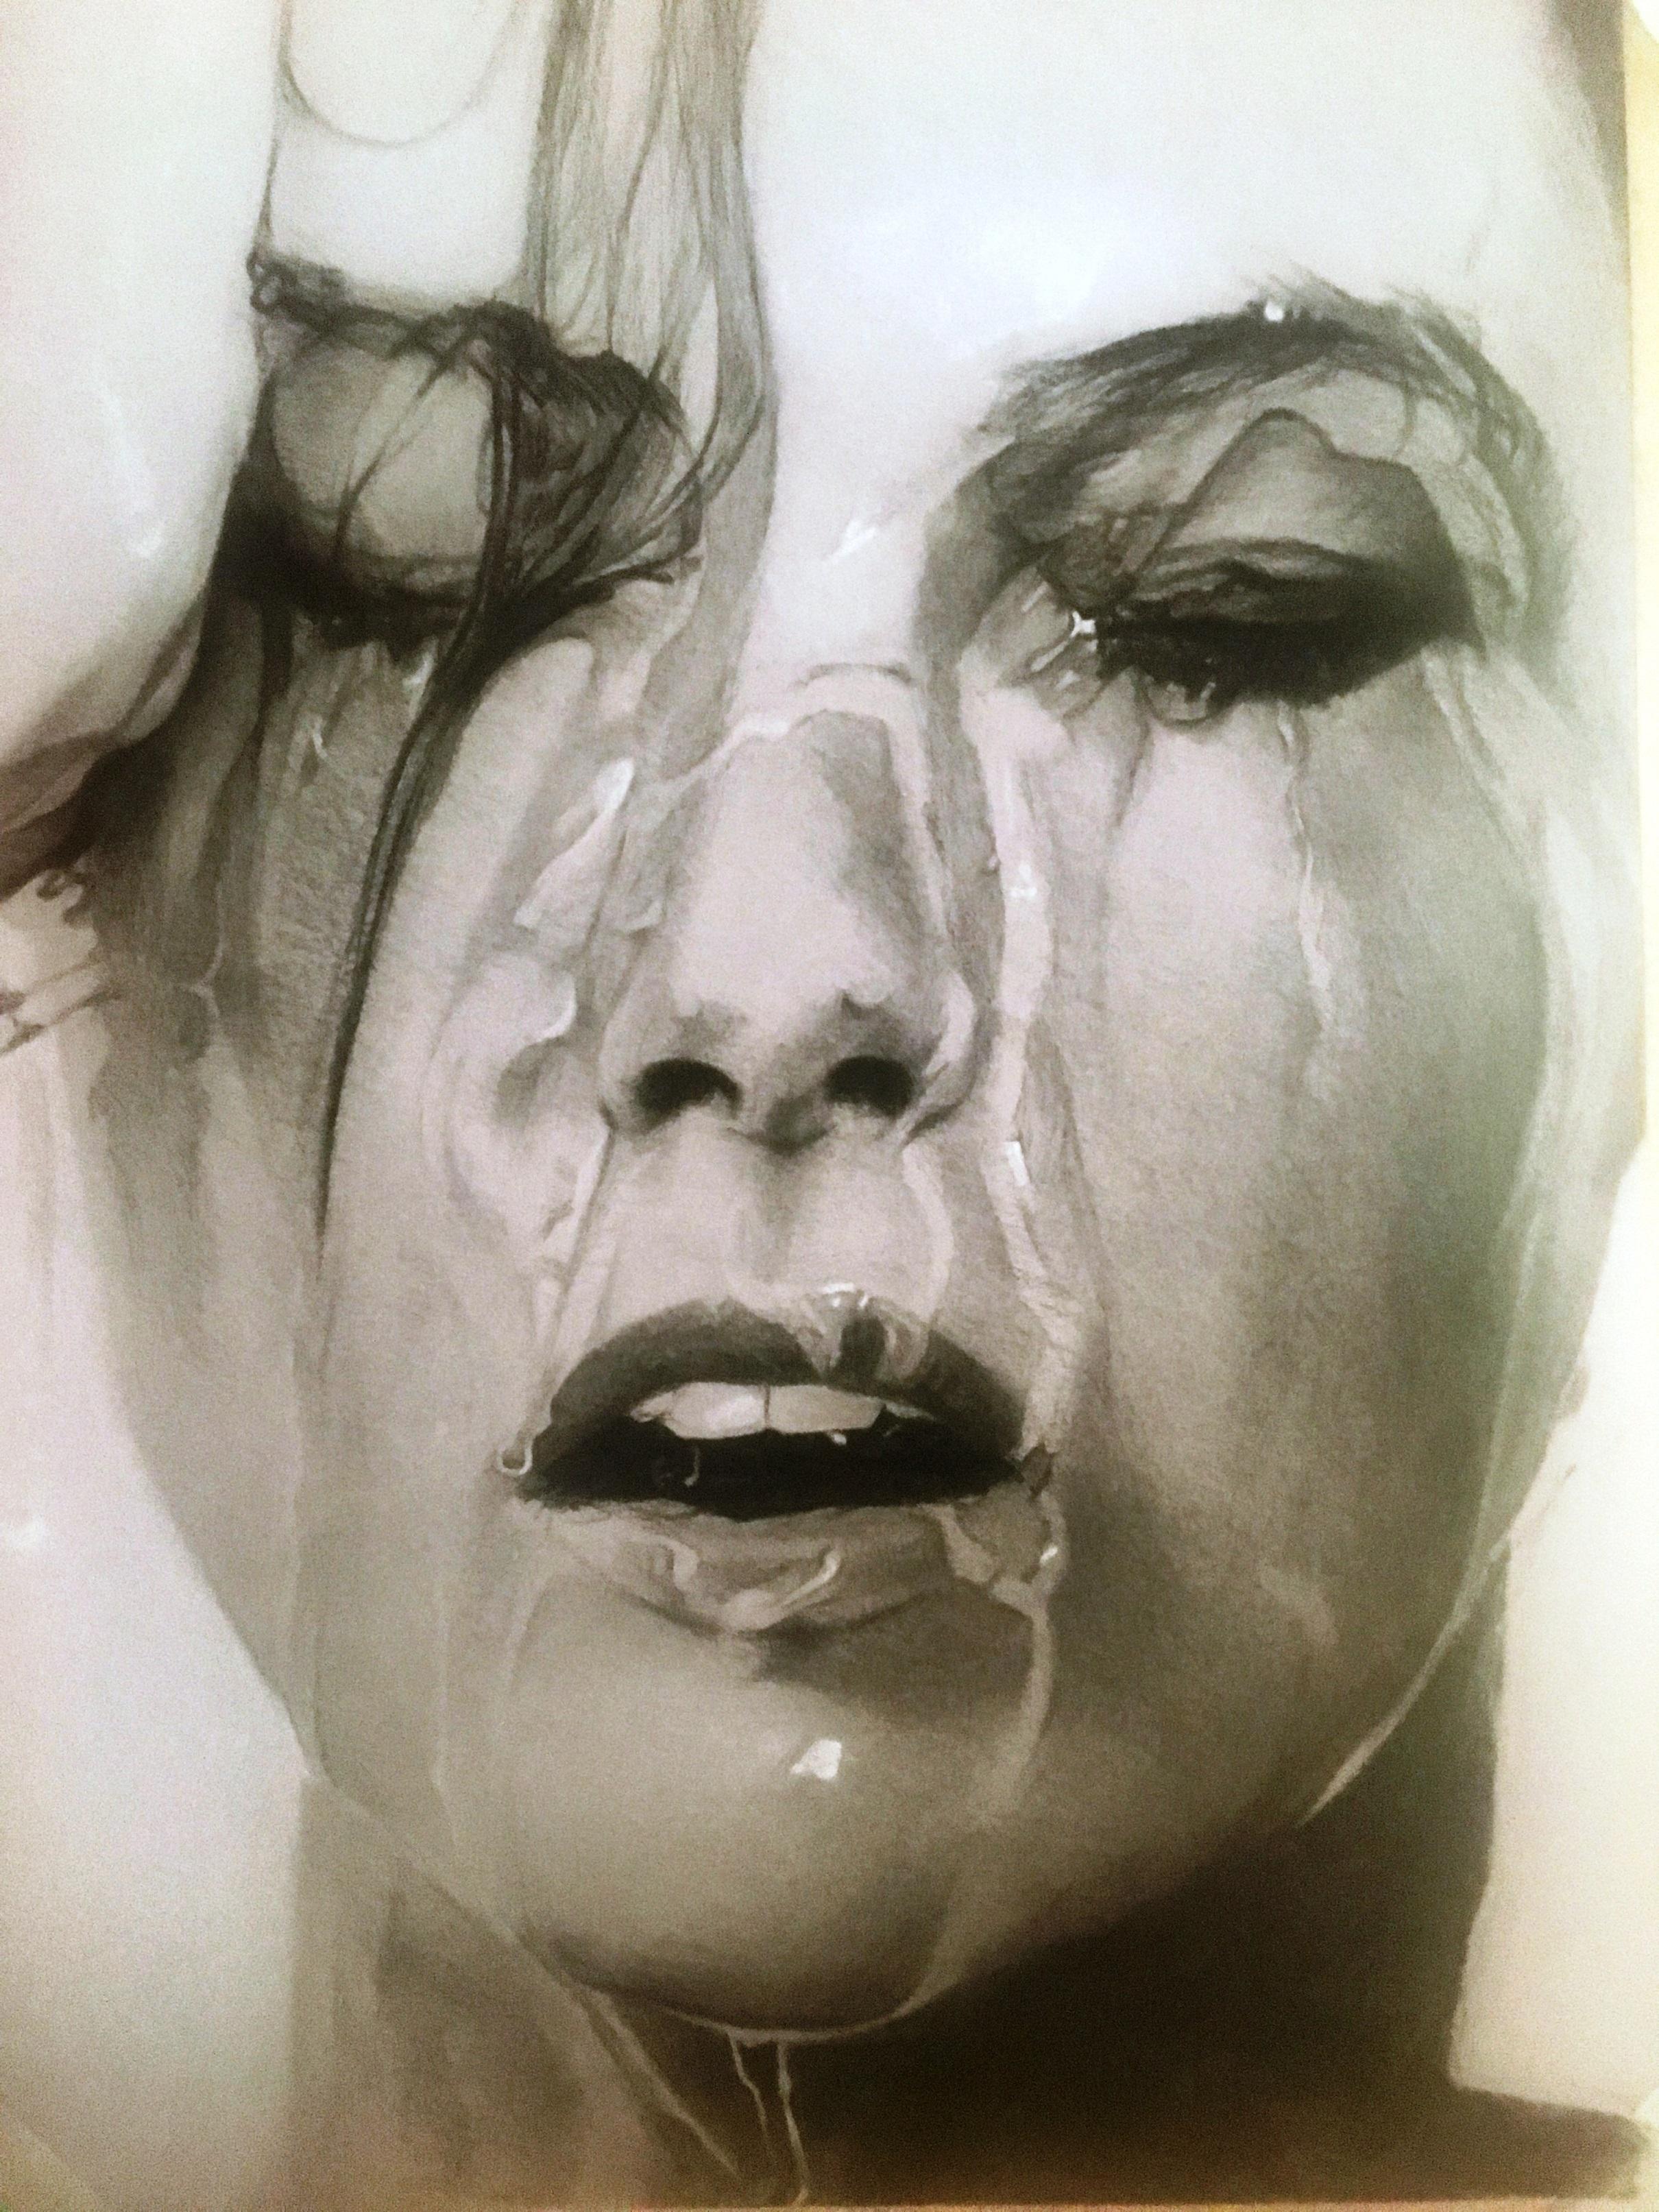 Running Water artwork by Jennifer Dahlberg - art listed for sale on Artplode